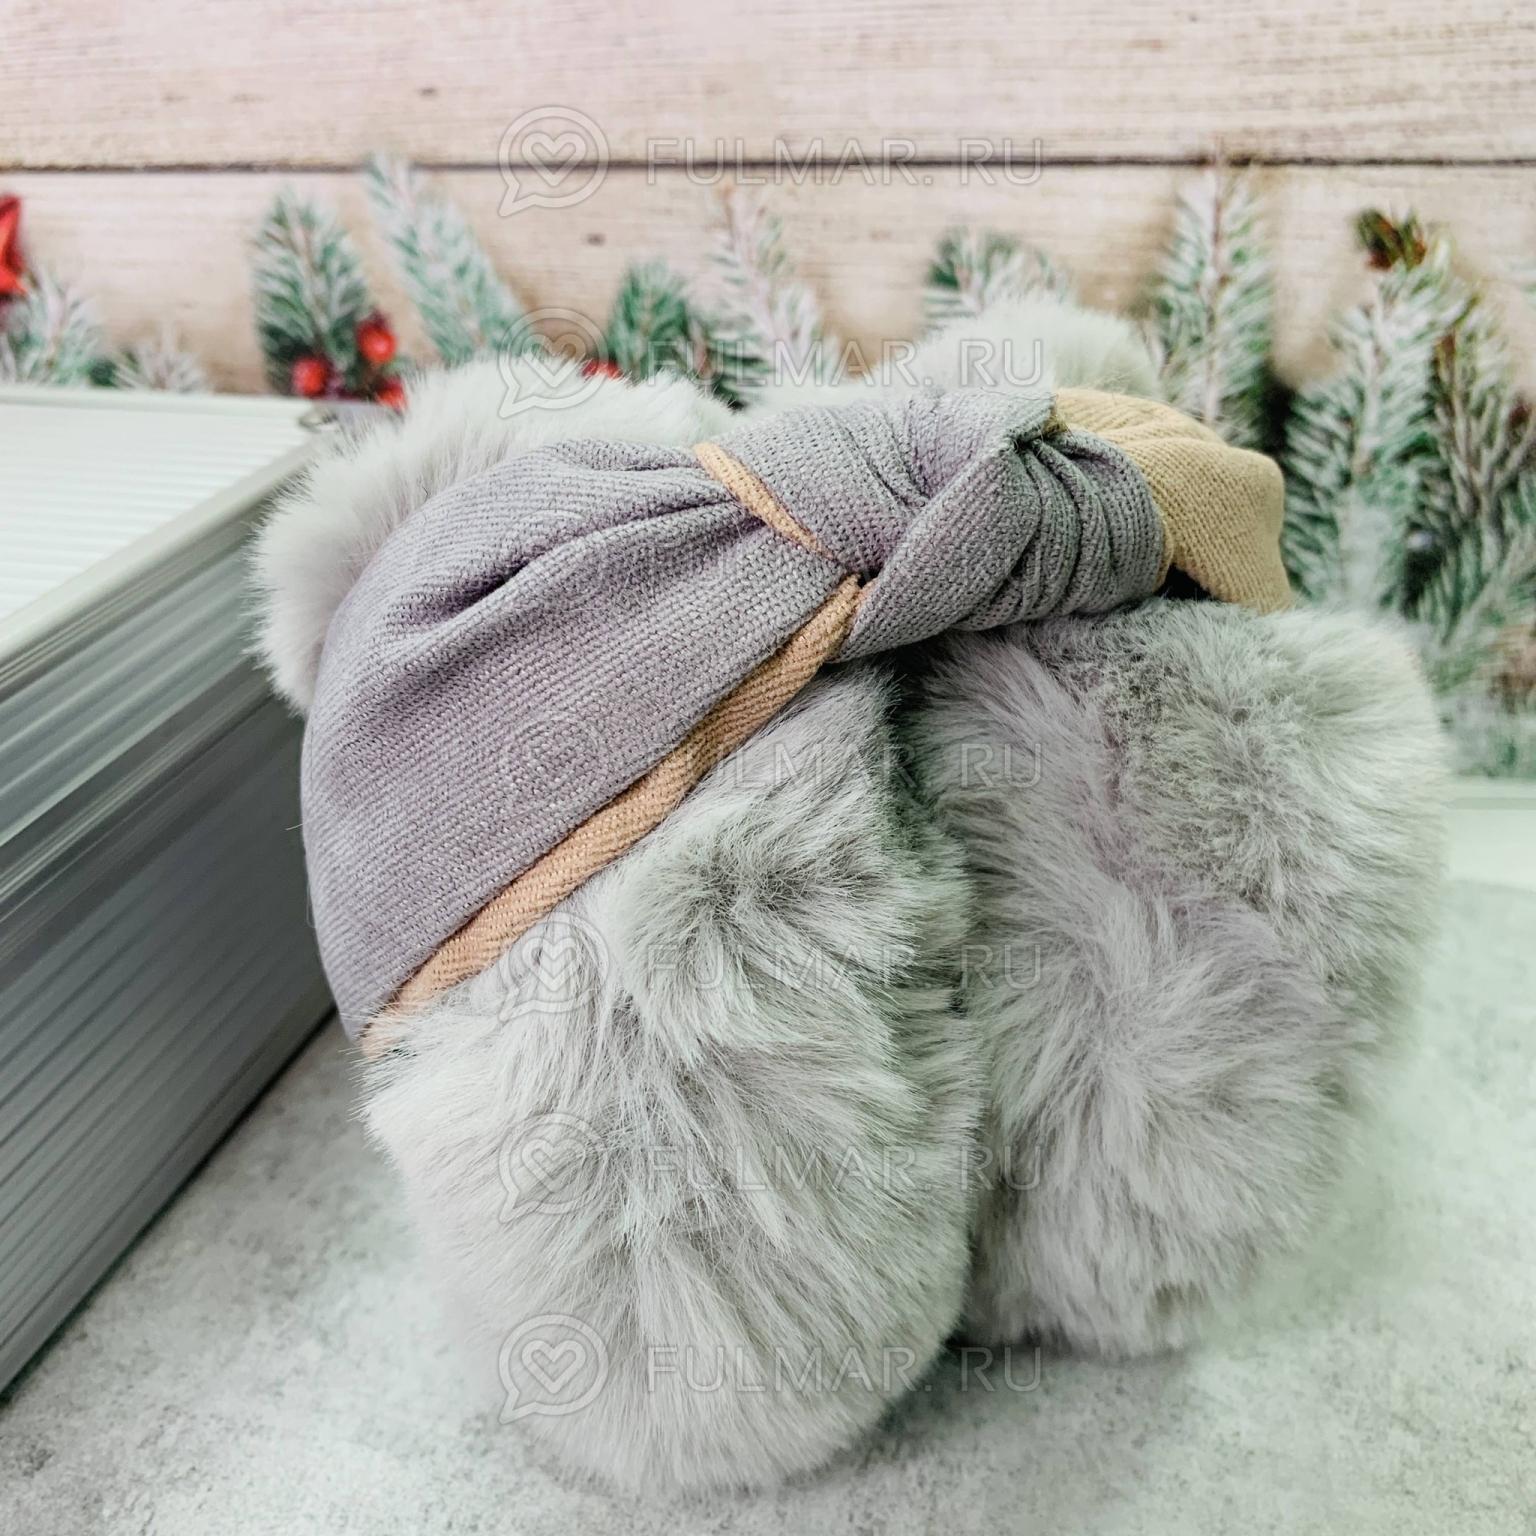 Наушники утеплённые складные с ободком-узлом цвет: Серый-Бежевый